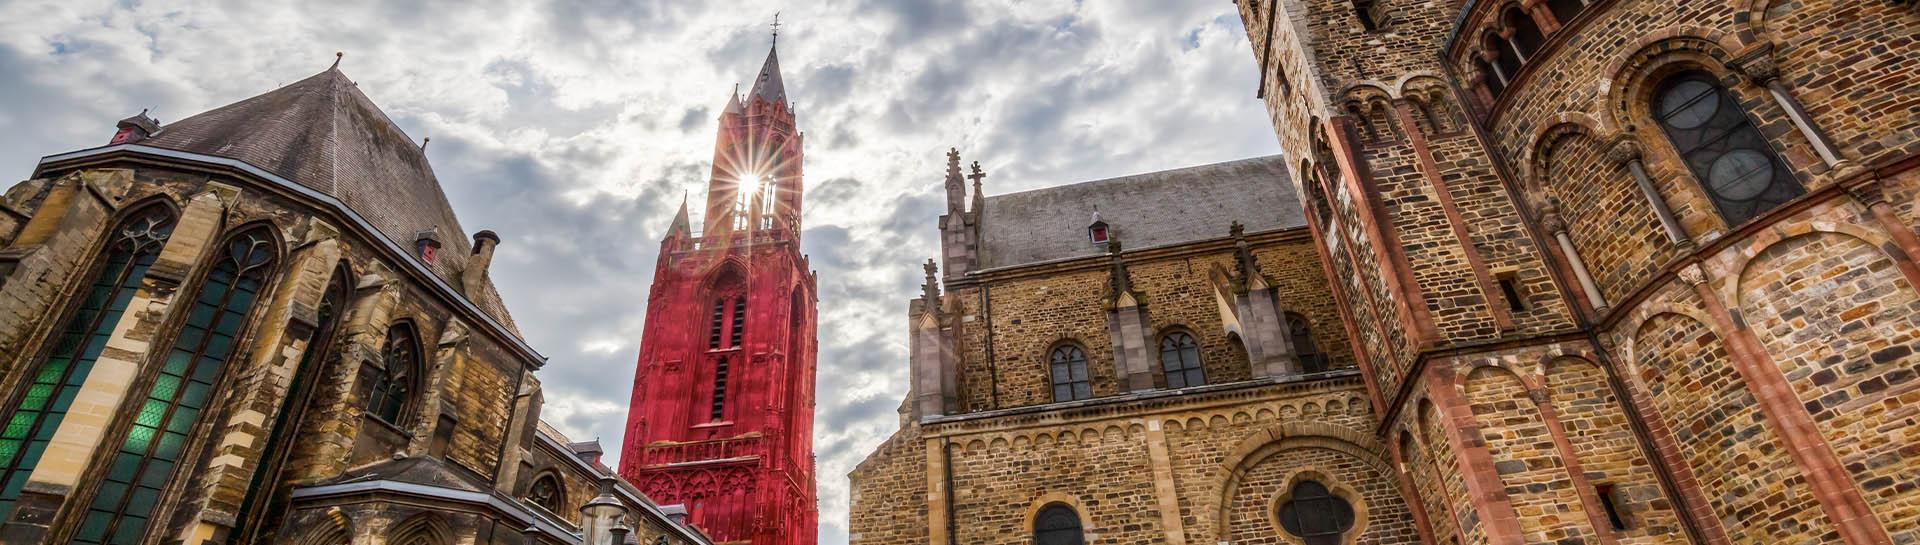 De Sint Servaasbasiliek en de Sint Janskerk in Maastricht